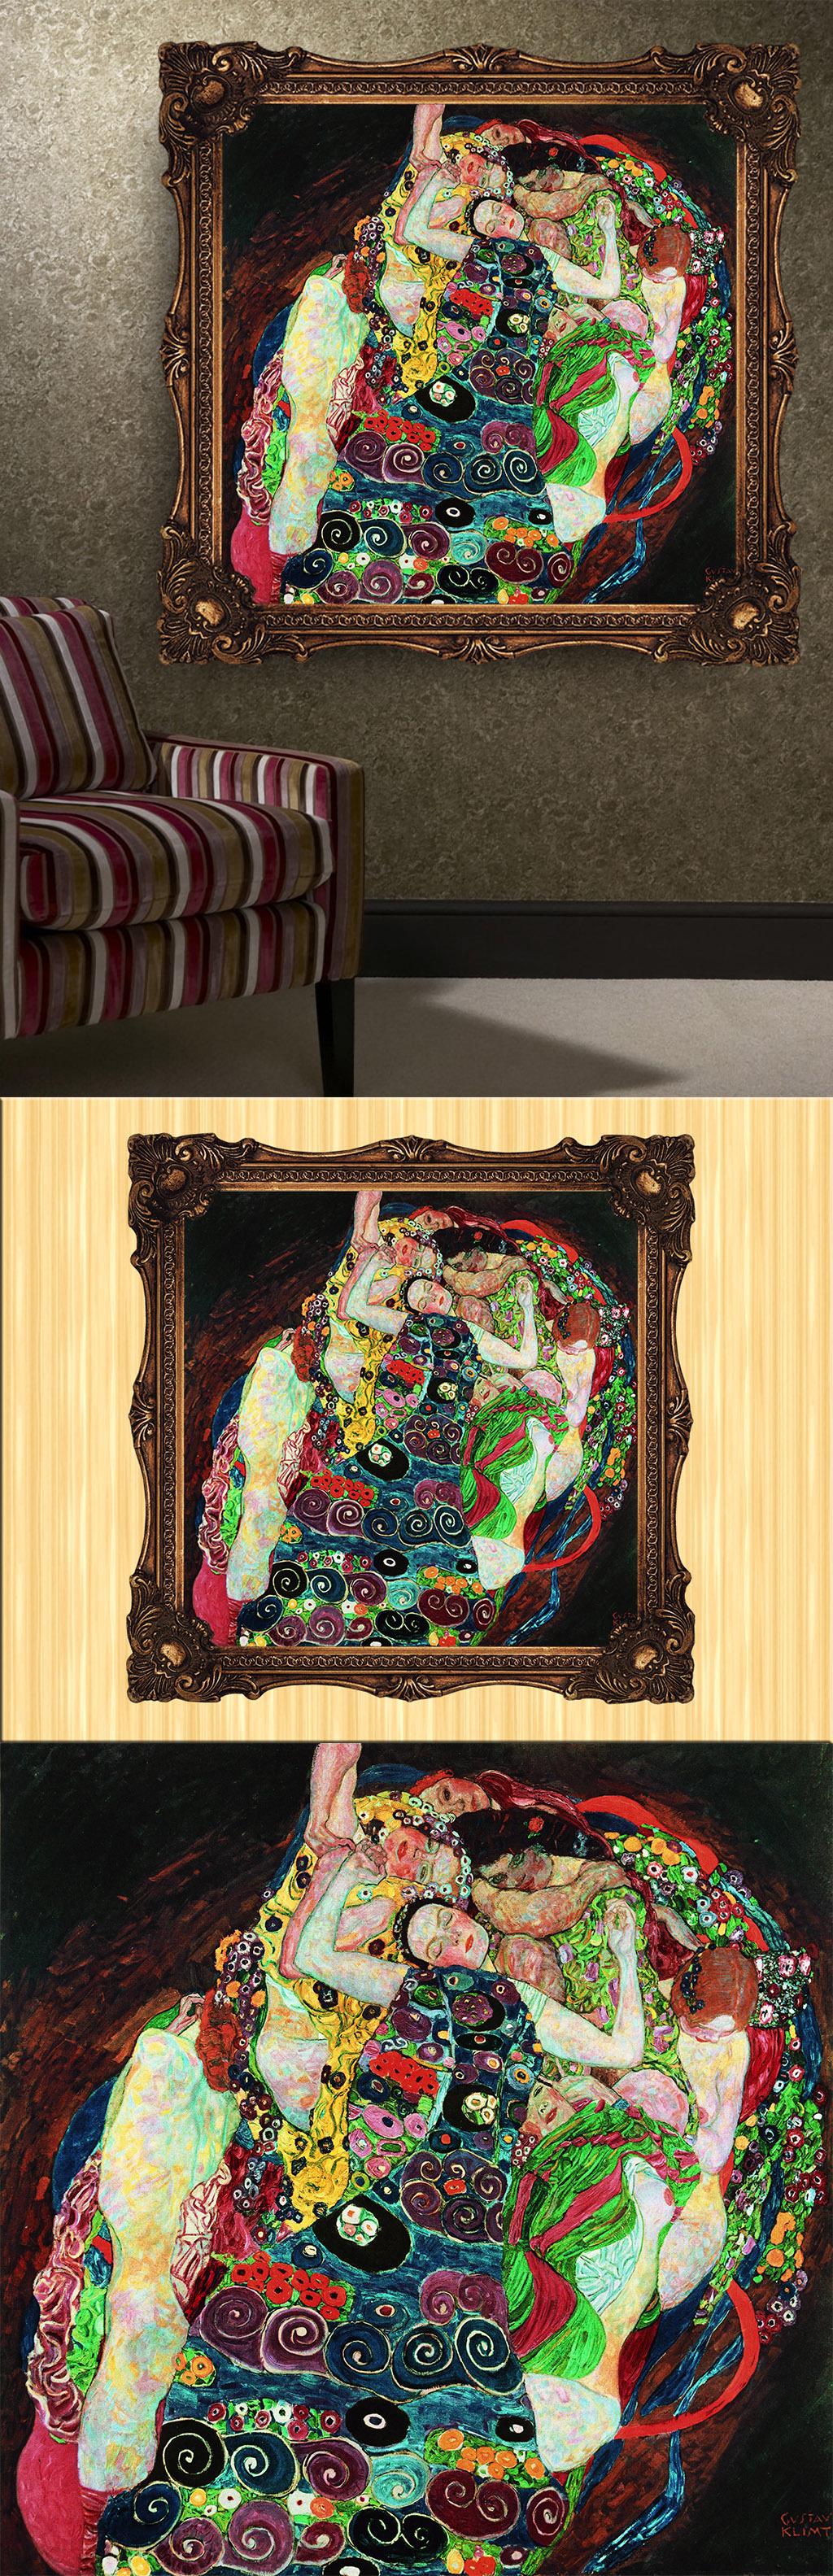 人物 女性 风格/[版权图片]现代抽象风格女性人物油画